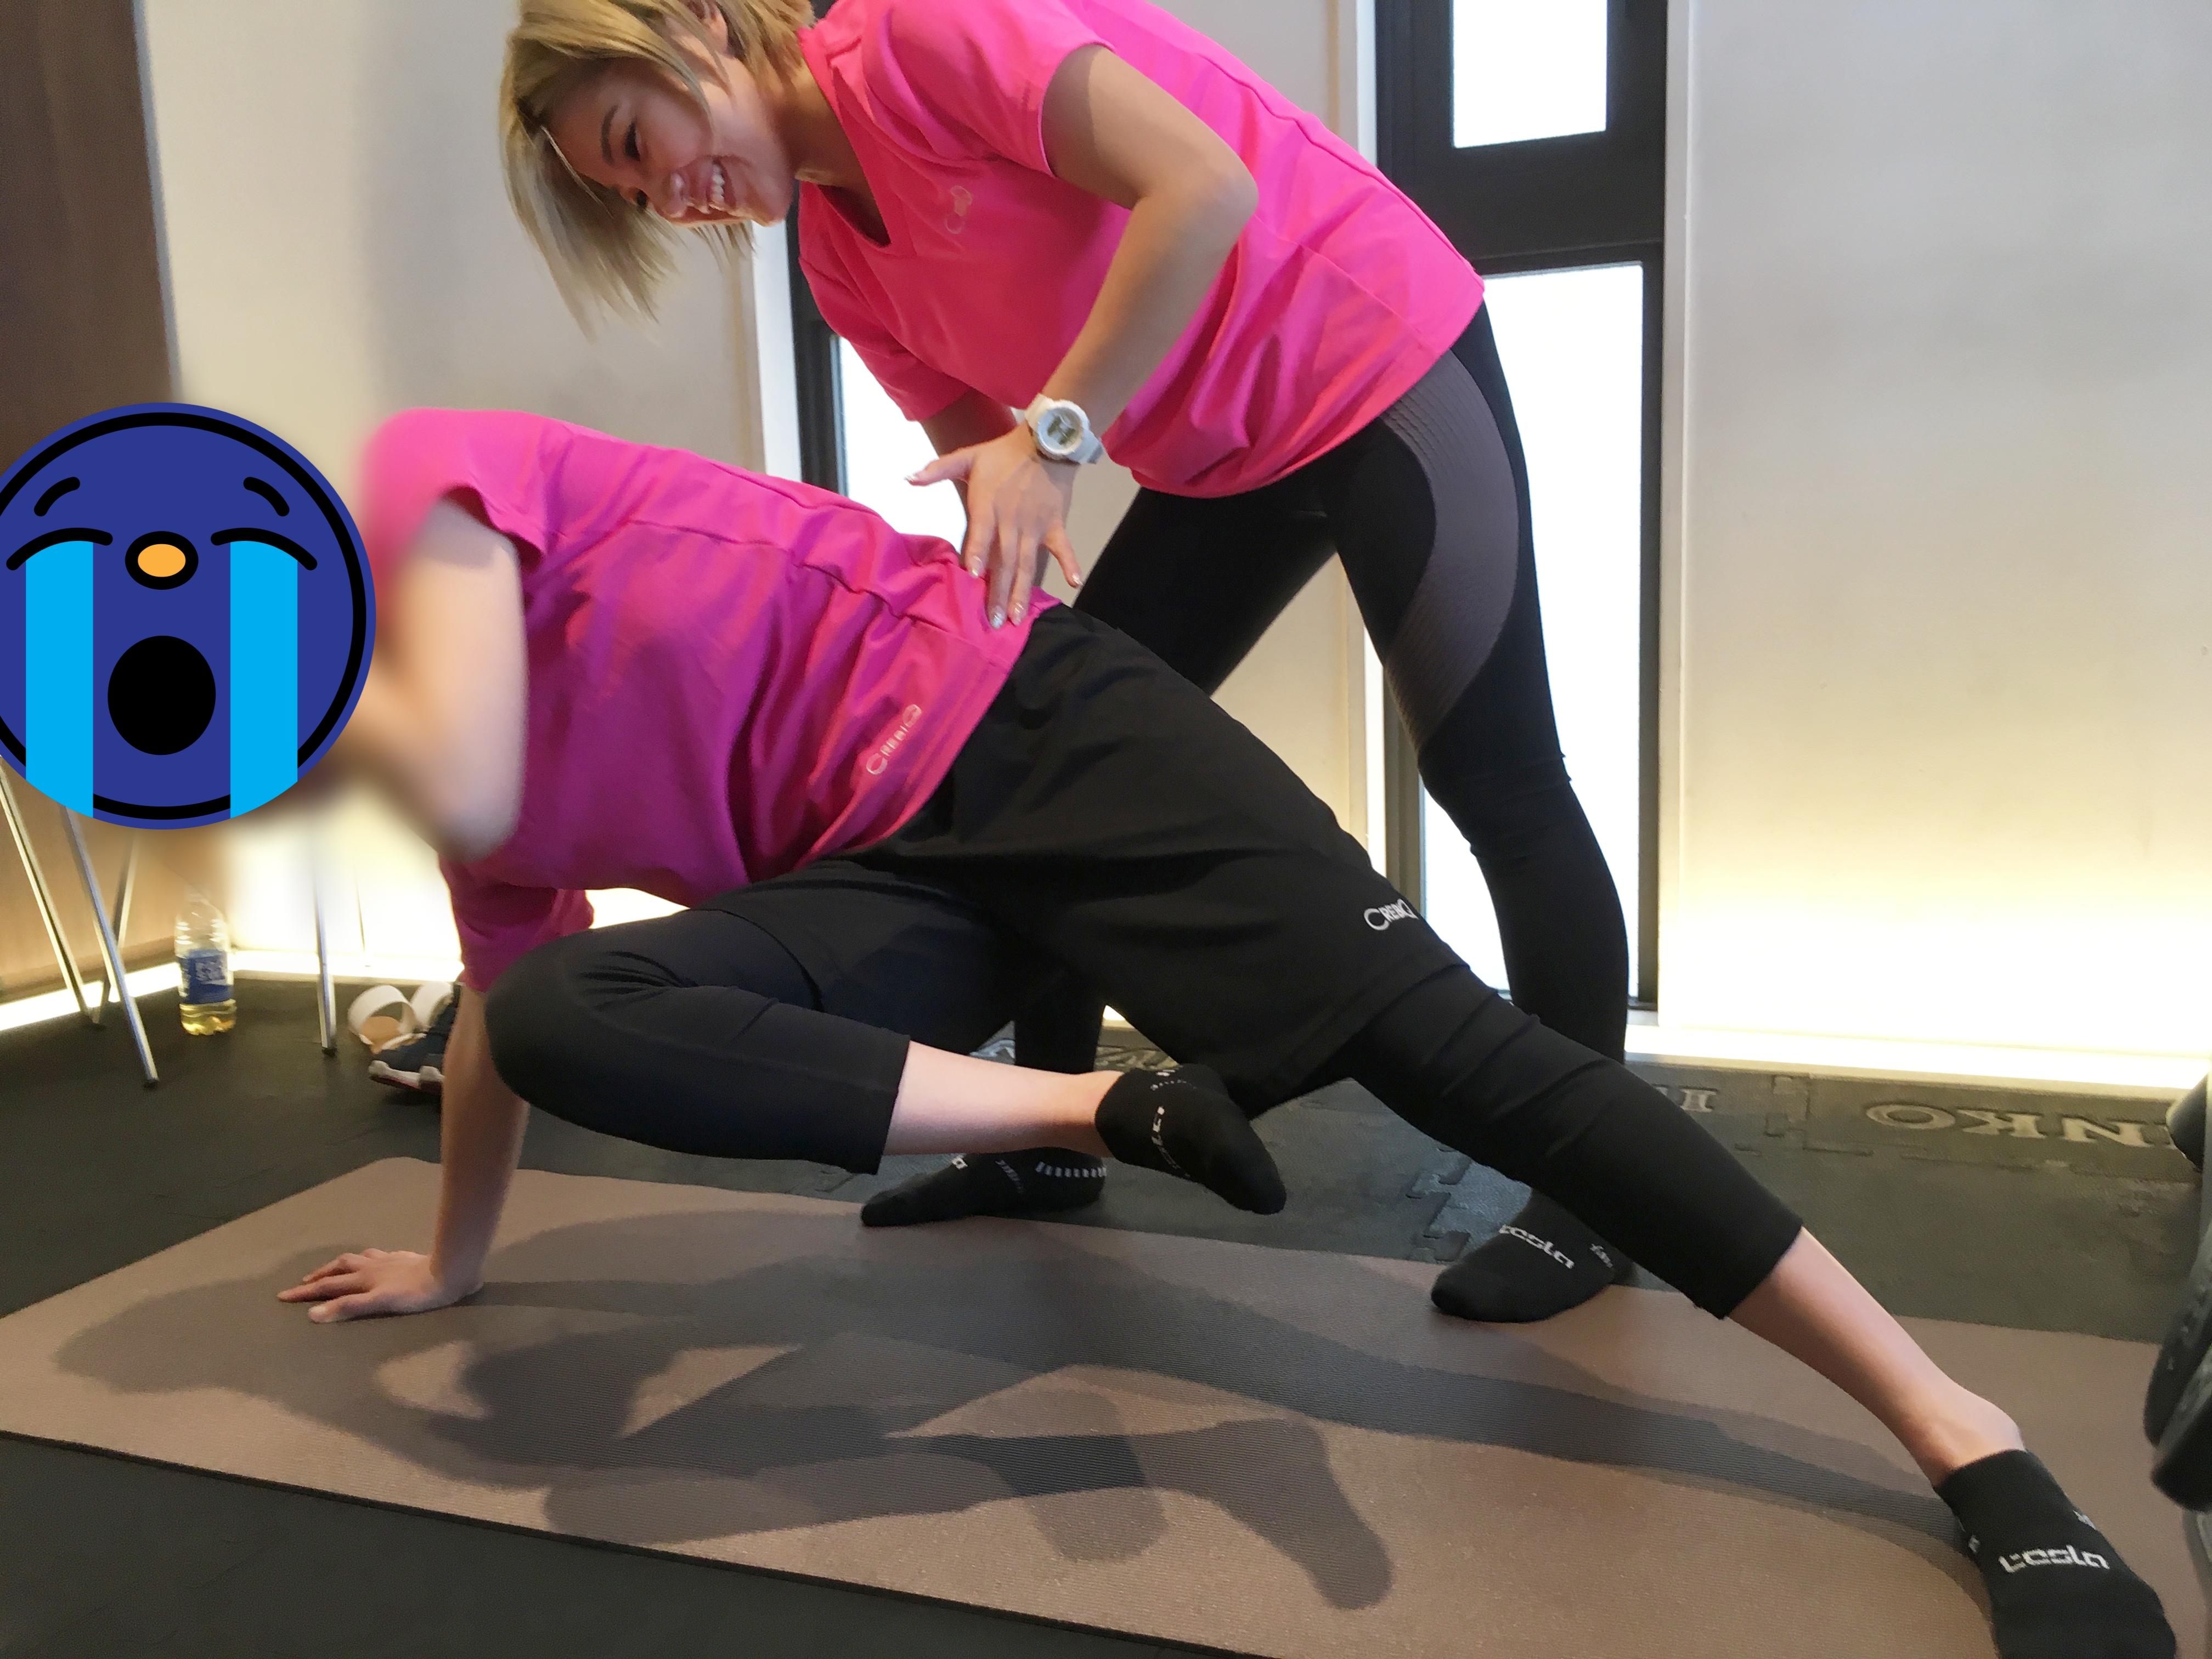 トレーニングする女性とトレーナー